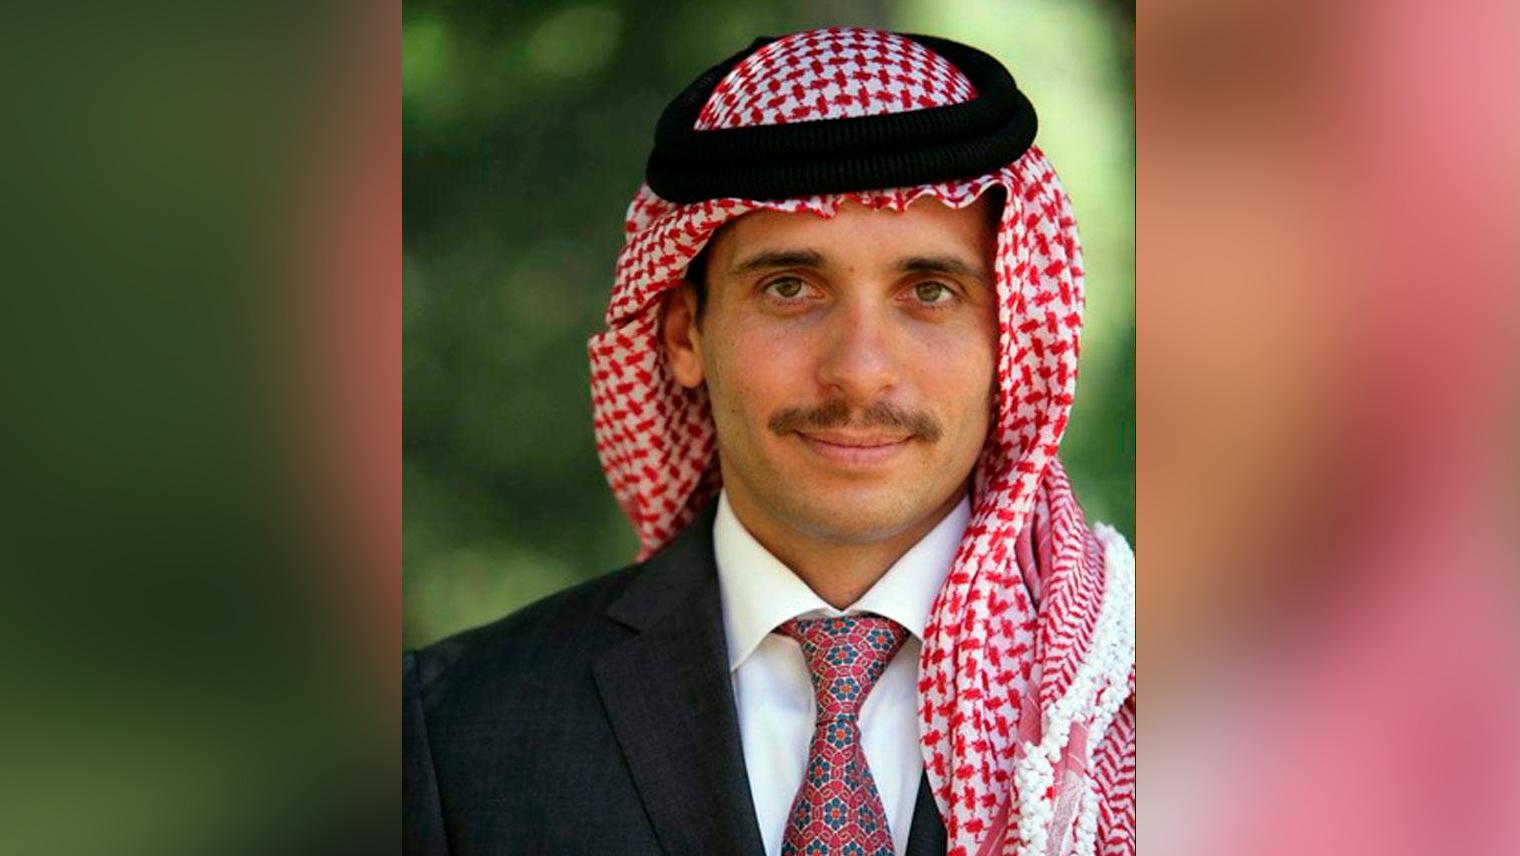 1456247016861.0293 Бывшего наследника престола Иордании обвинили в создании угрозы безопасности королевства